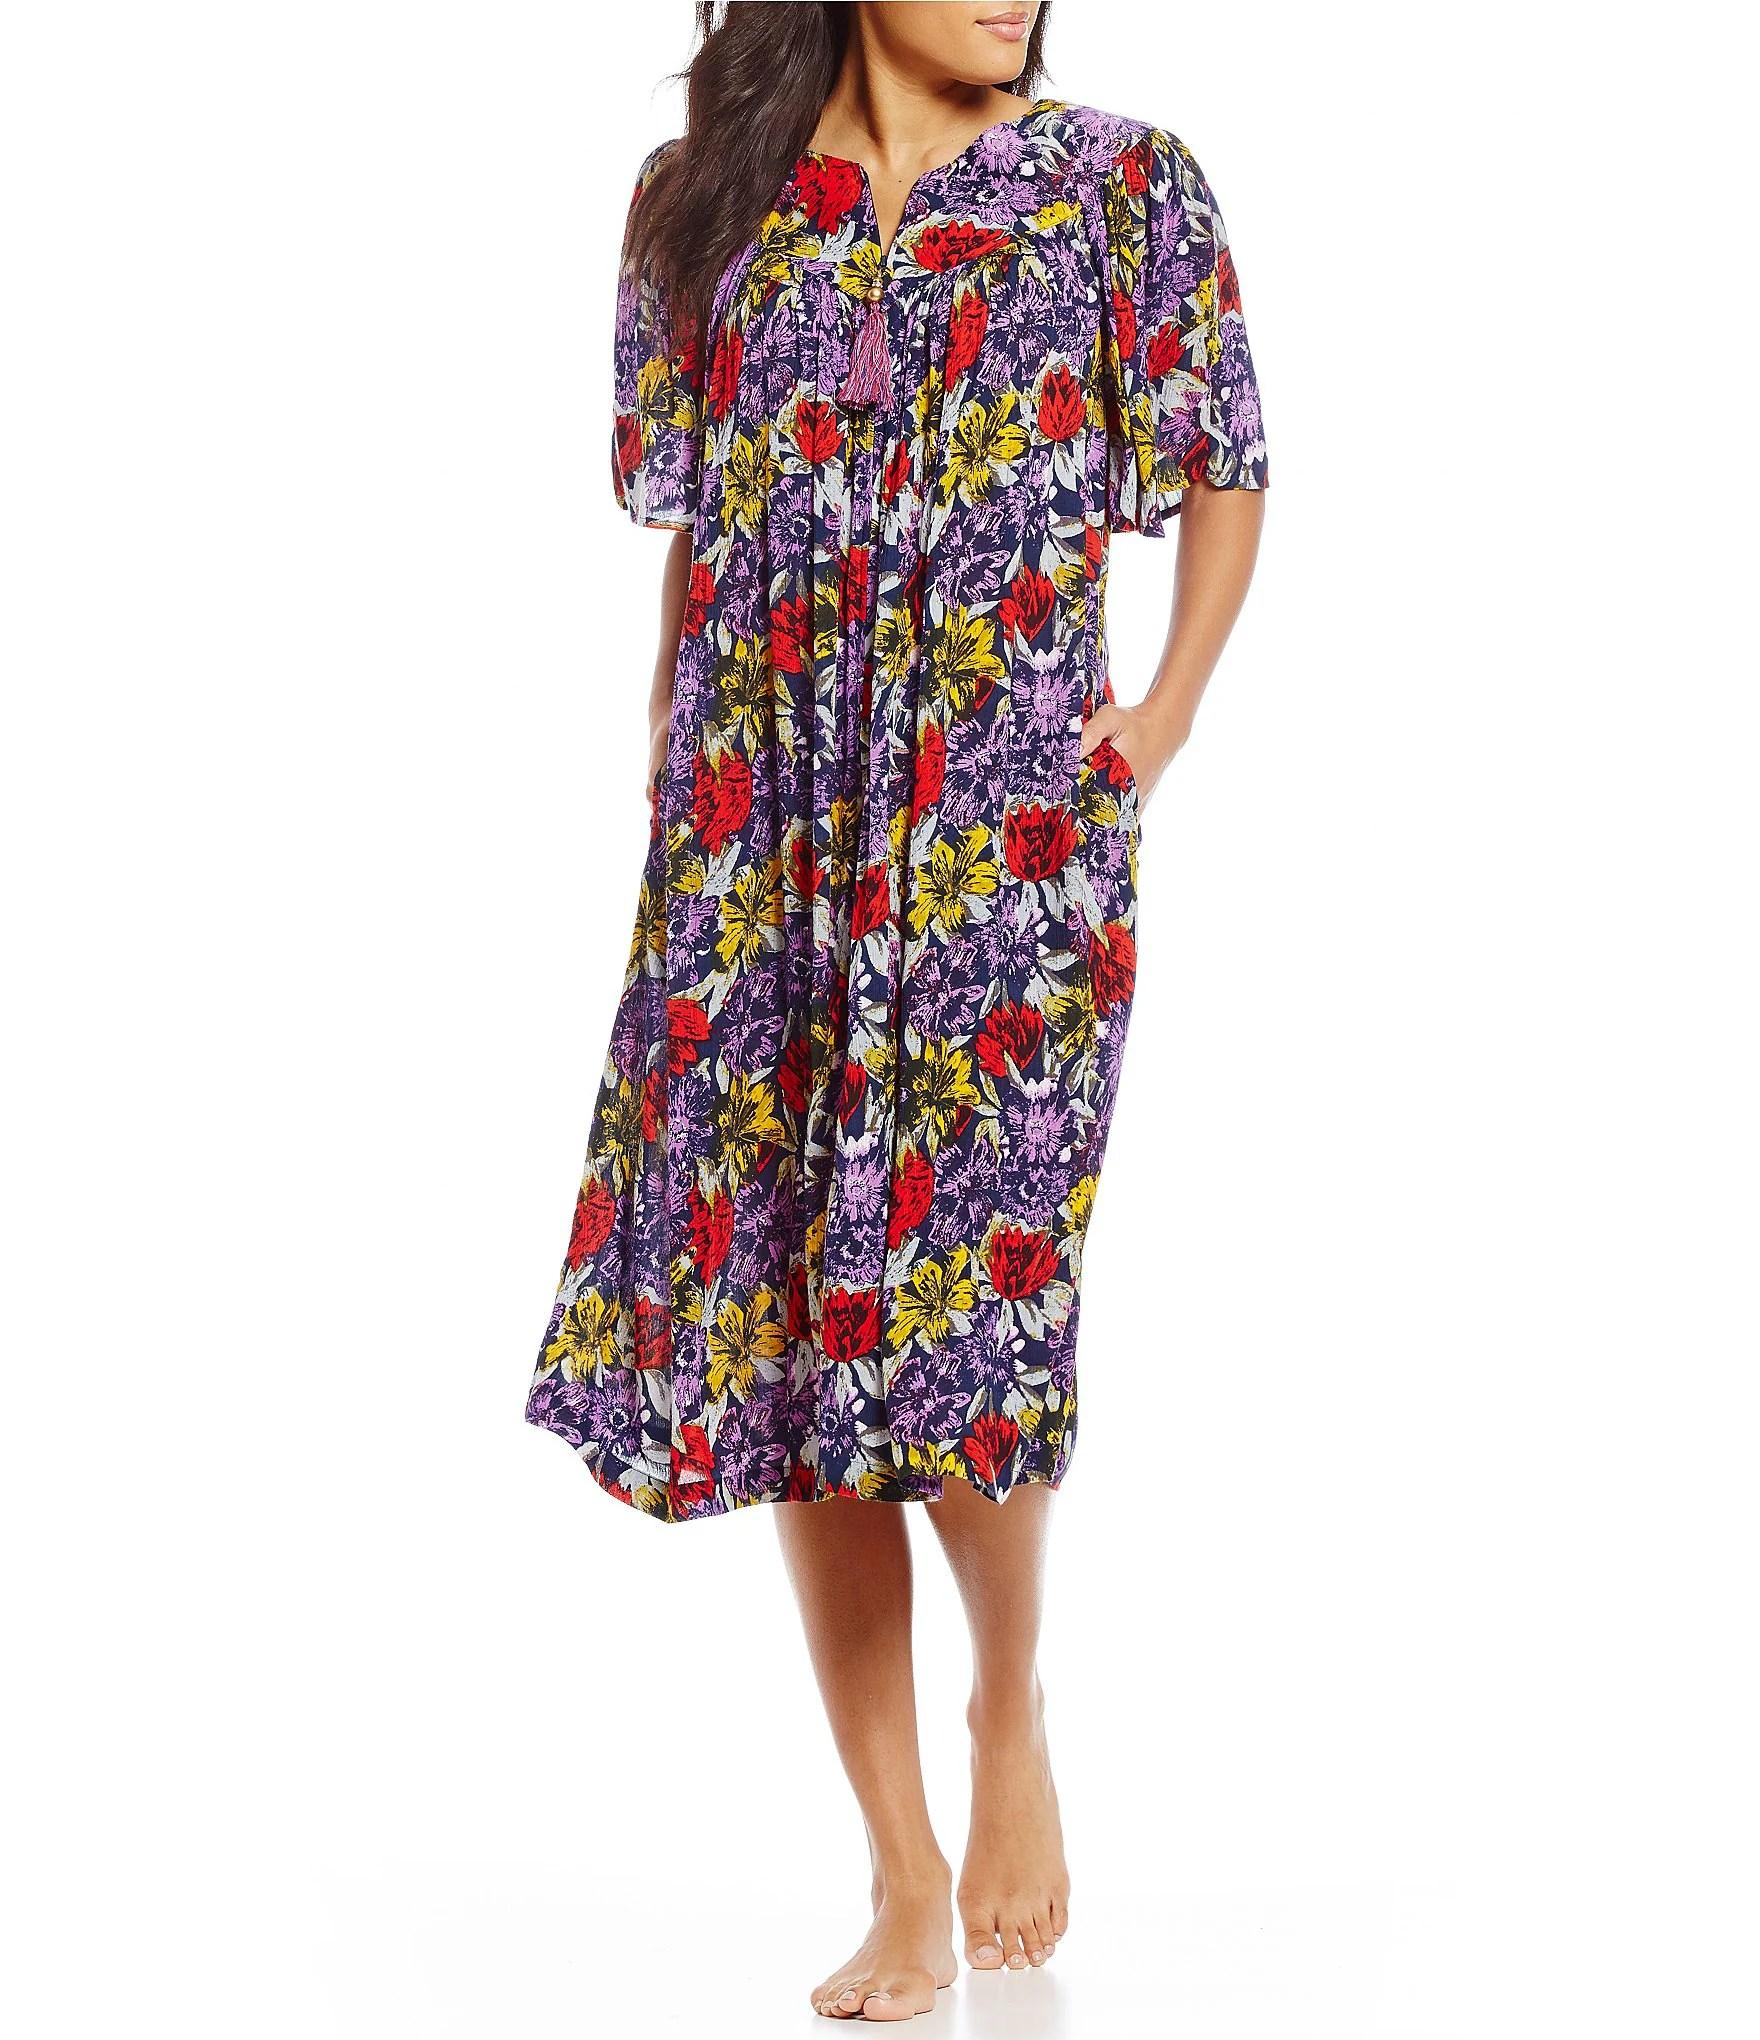 Patio Dresses. Patio Dresses Plus Size Icamblog. My Sims 4